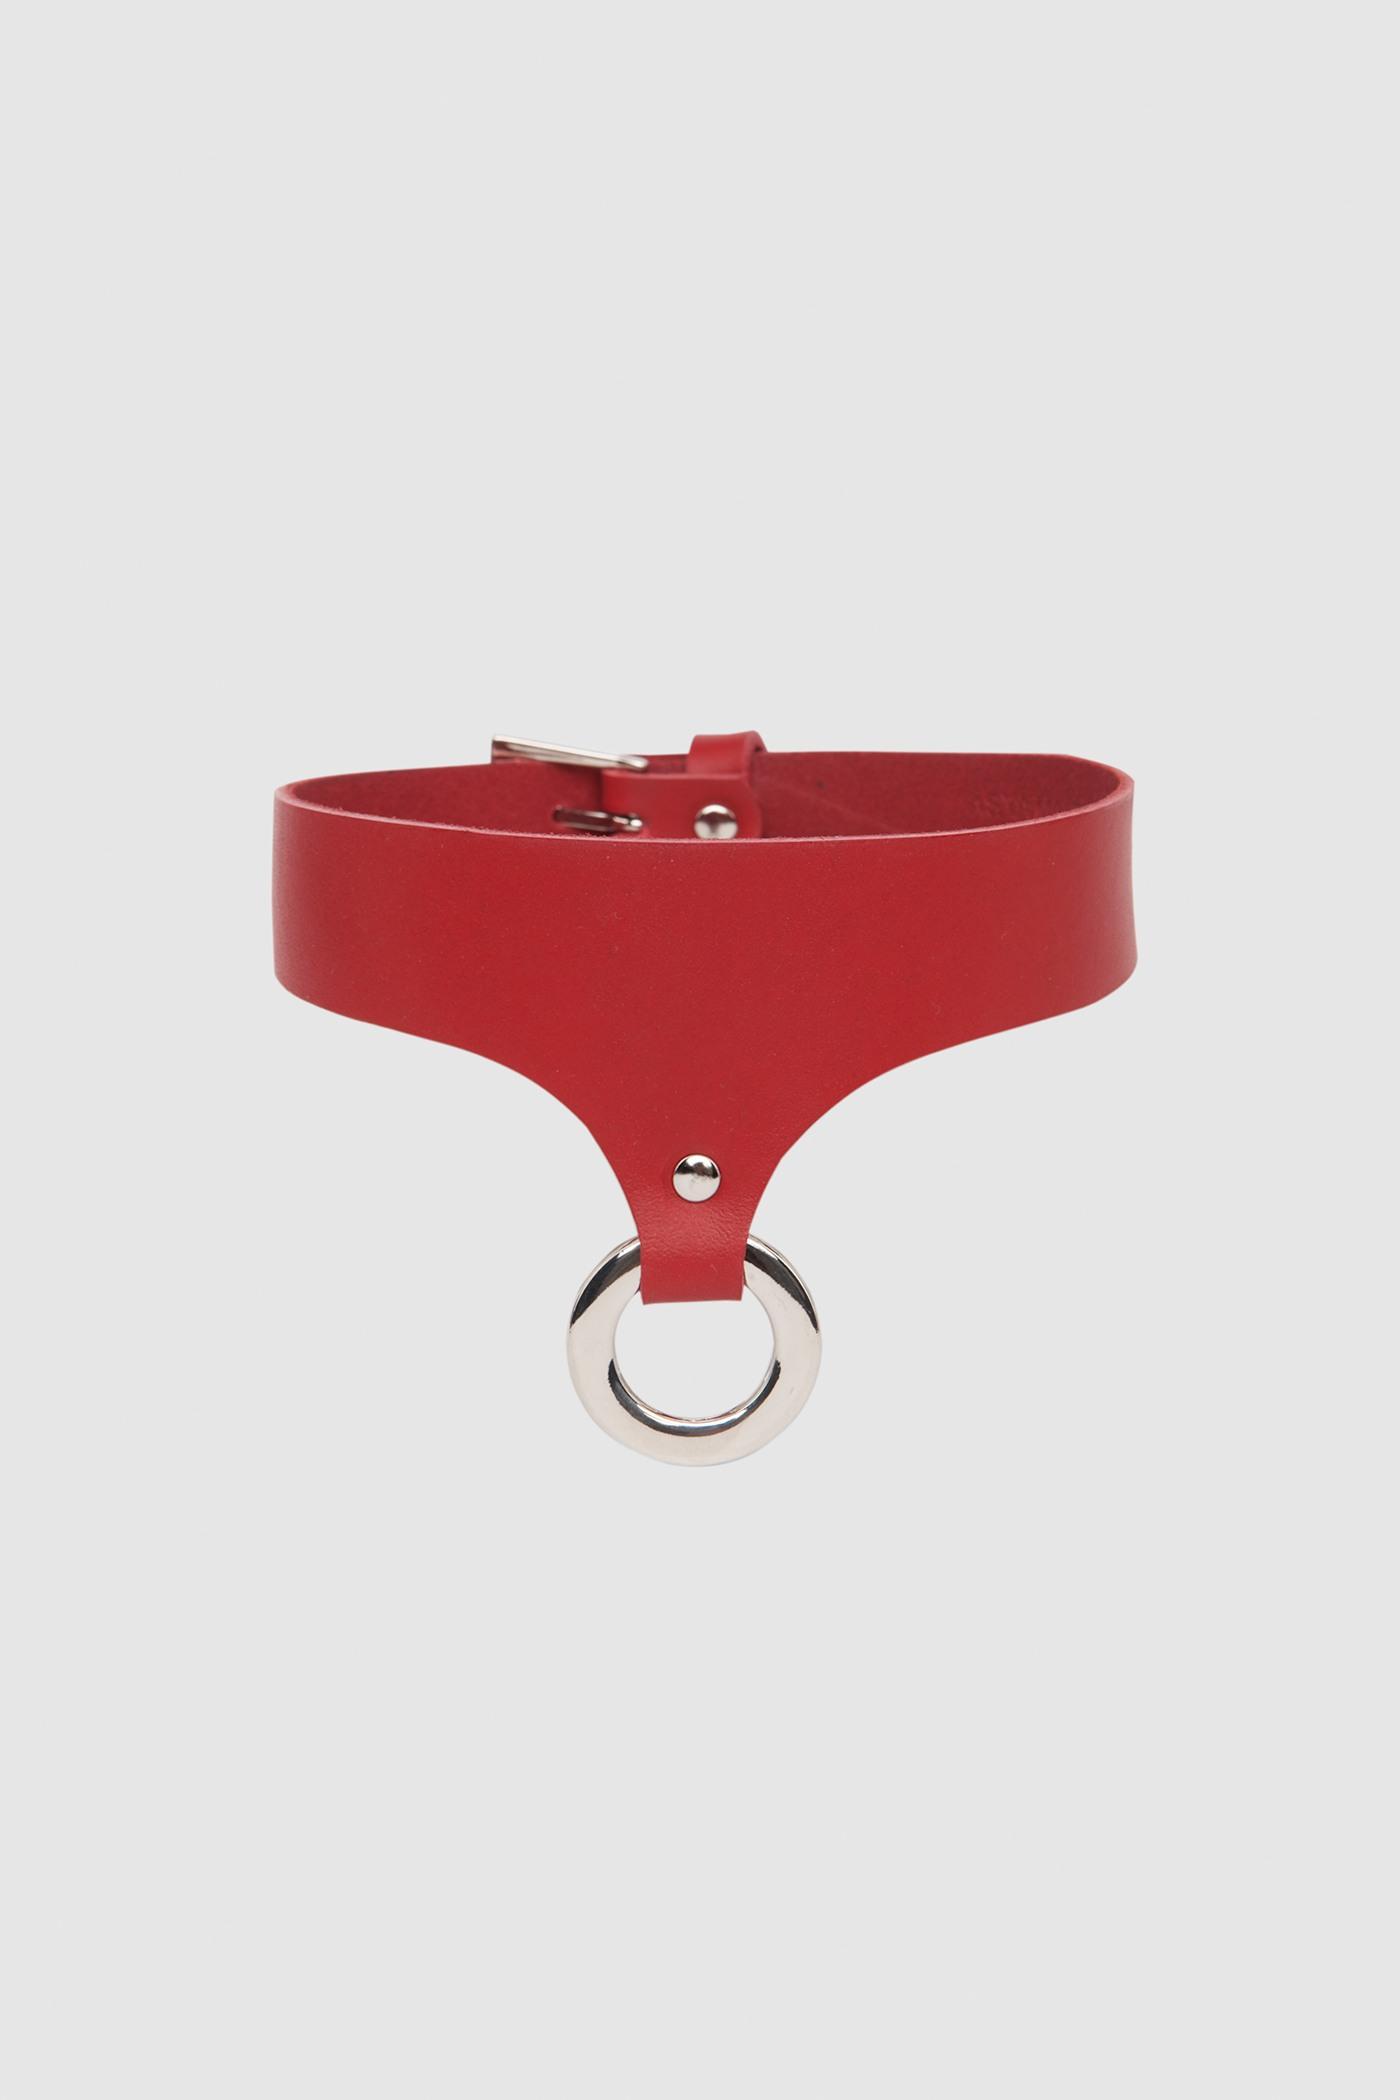 ОшейникОшейник из плотной ремневой кожи с кольцом&#13;<br>&#13;<br>&#13;<br>полностью регулируется по обхвату&#13;<br>&#13;<br>длина - 43 см&#13;<br>&#13;<br>эксклюзивная, фирменная, металлическая упаковка<br><br>Цвет: Красный